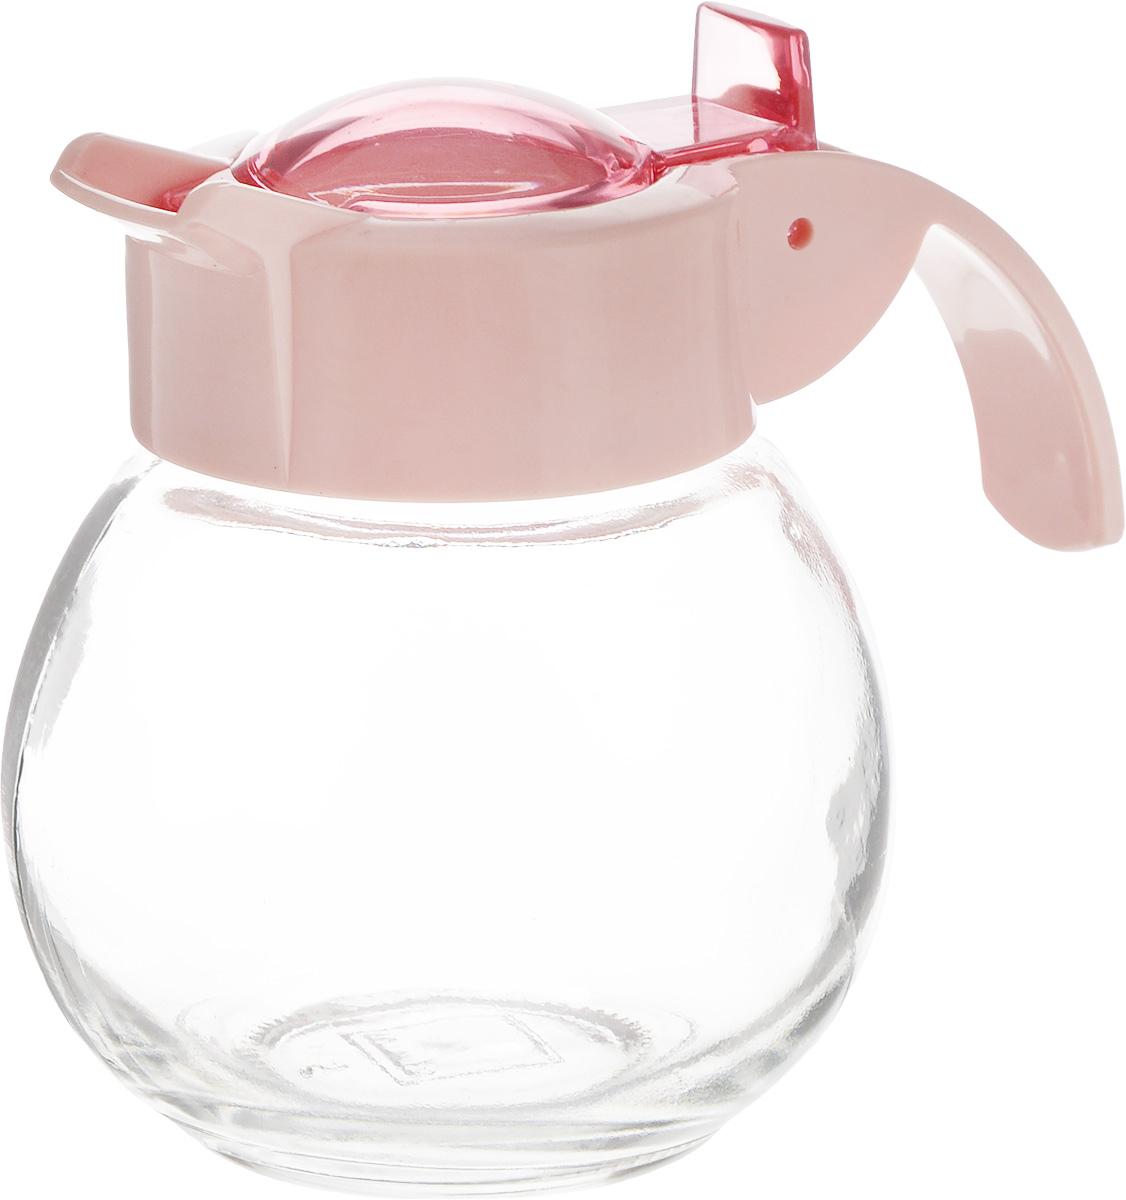 Емкость для жидкости Herevin, цвет: розовый, прозрачный, 180 мл131671-500_розовыйЕмкость для жидкости Herevin выполнена из качественного прочного стекла, снабжена пластиковой ручкой и откидной крышкой. Форма носика обеспечивает наливание жидкости без расплескивания. Емкость легка в использовании, стоит только перевернуть ее, и вы с легкостью сможете добавить оливковое или подсолнечное масло, уксус или соус. Крышка легко откручивается, что позволяет без труда наполнить емкость.Диаметр (по верхнему краю): 5 см. Высота емкости: 9 см.